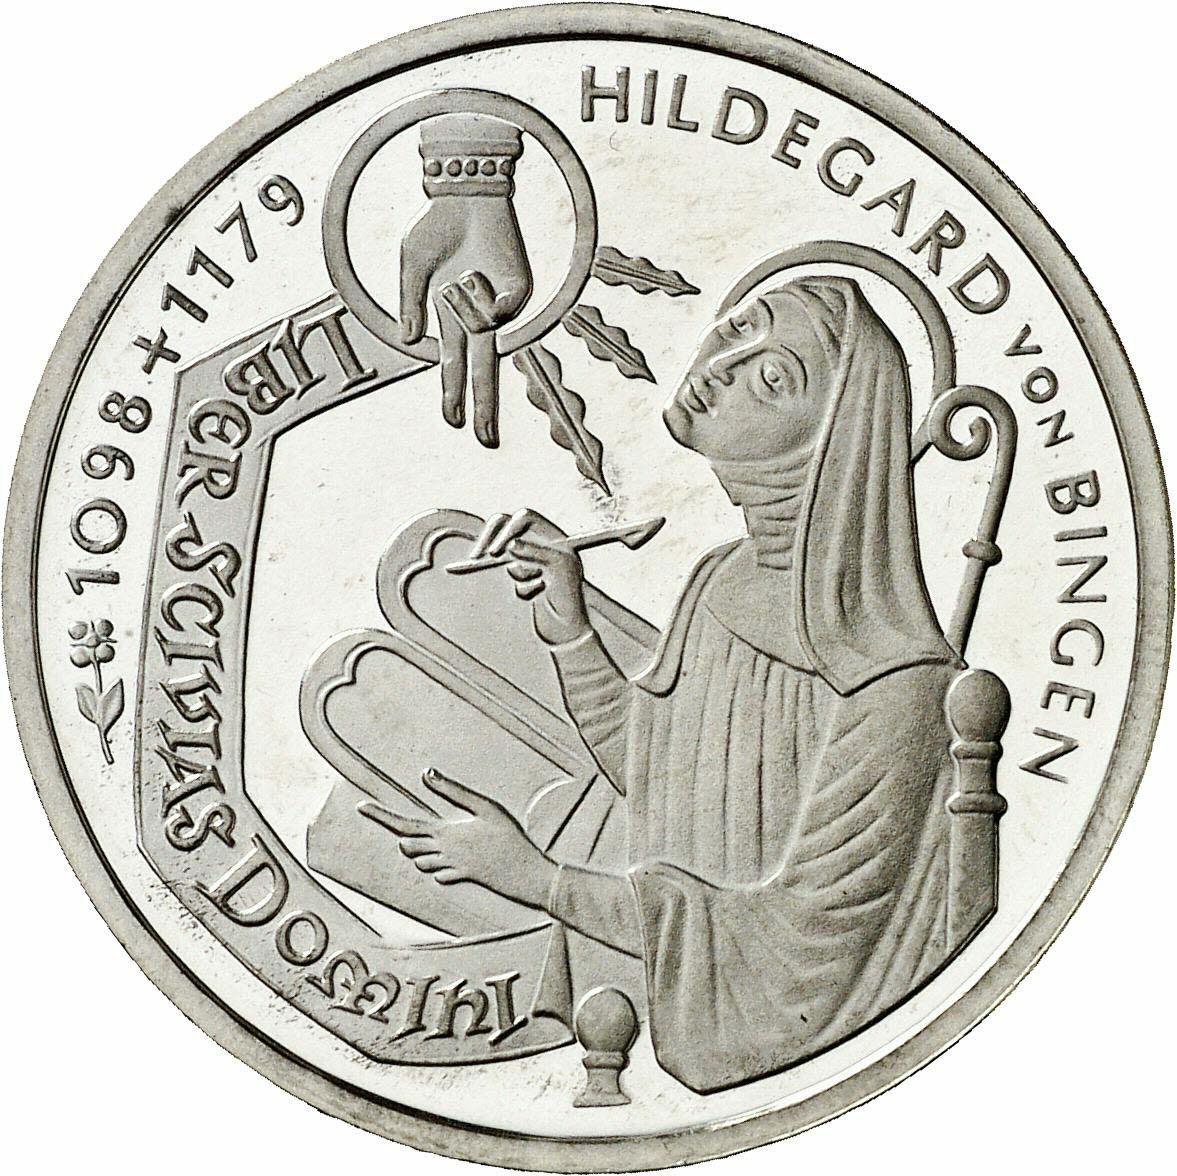 DE 10 Deutsche Mark 1998 D